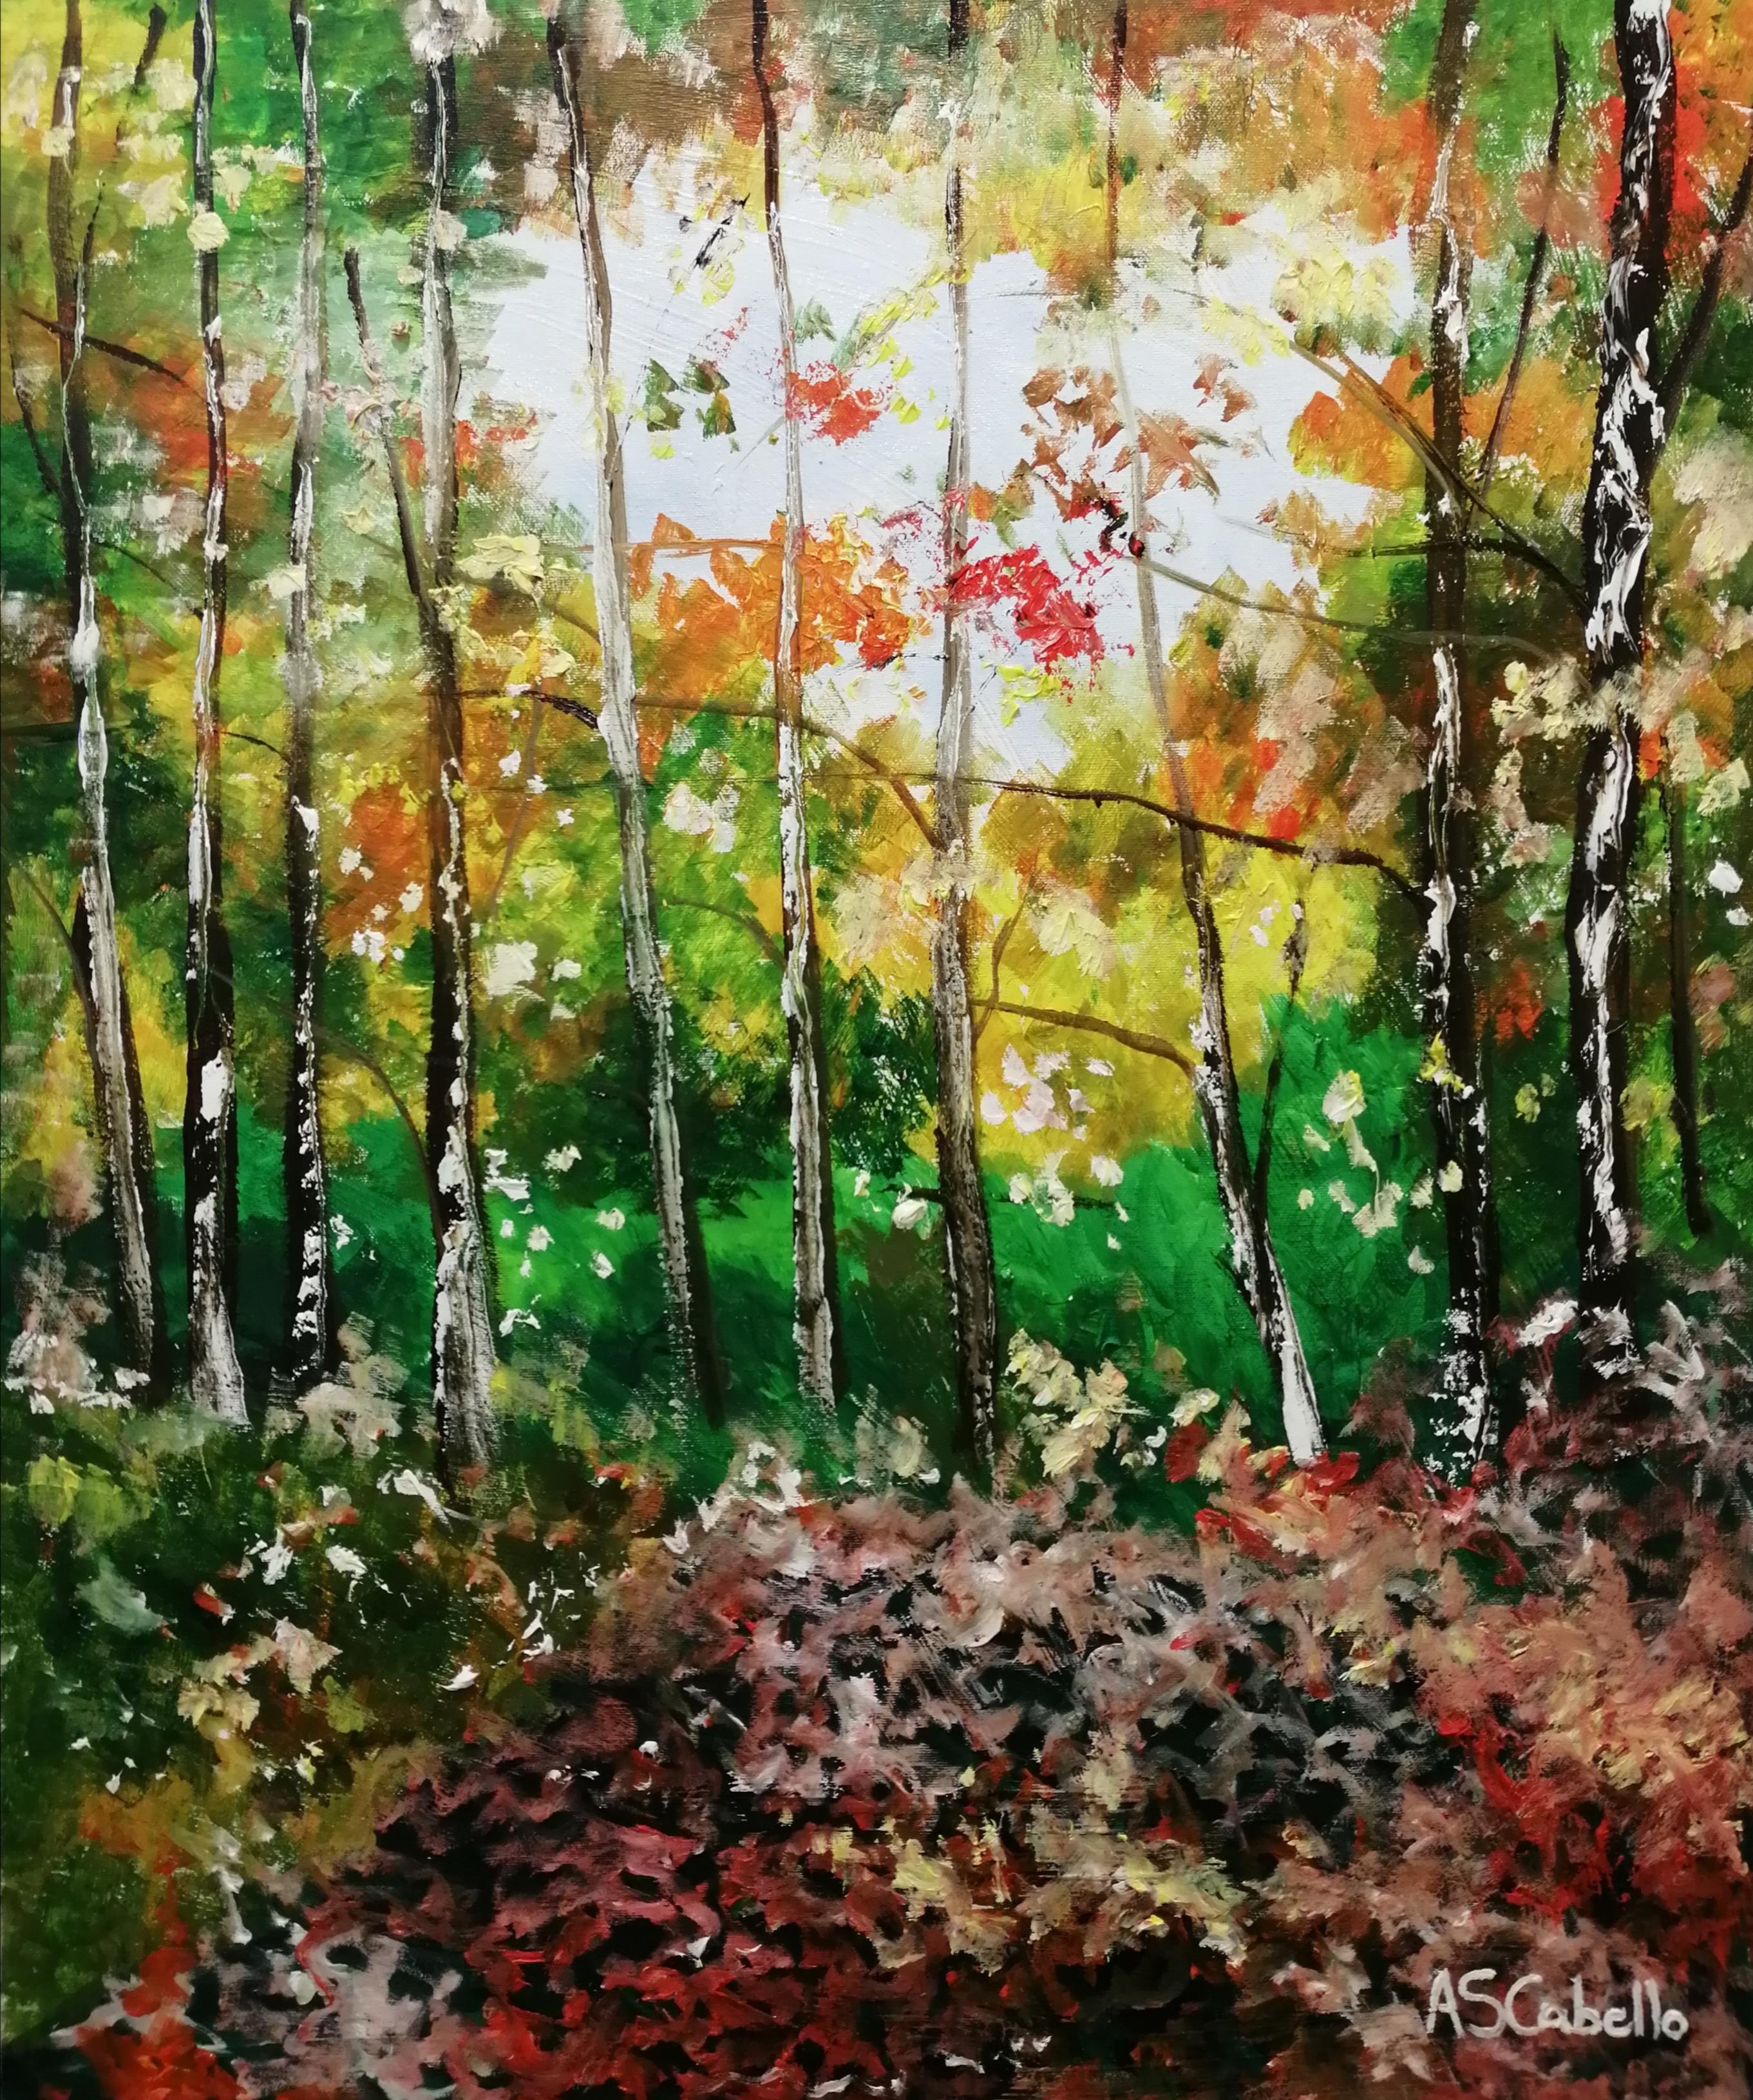 La luz de un bosque